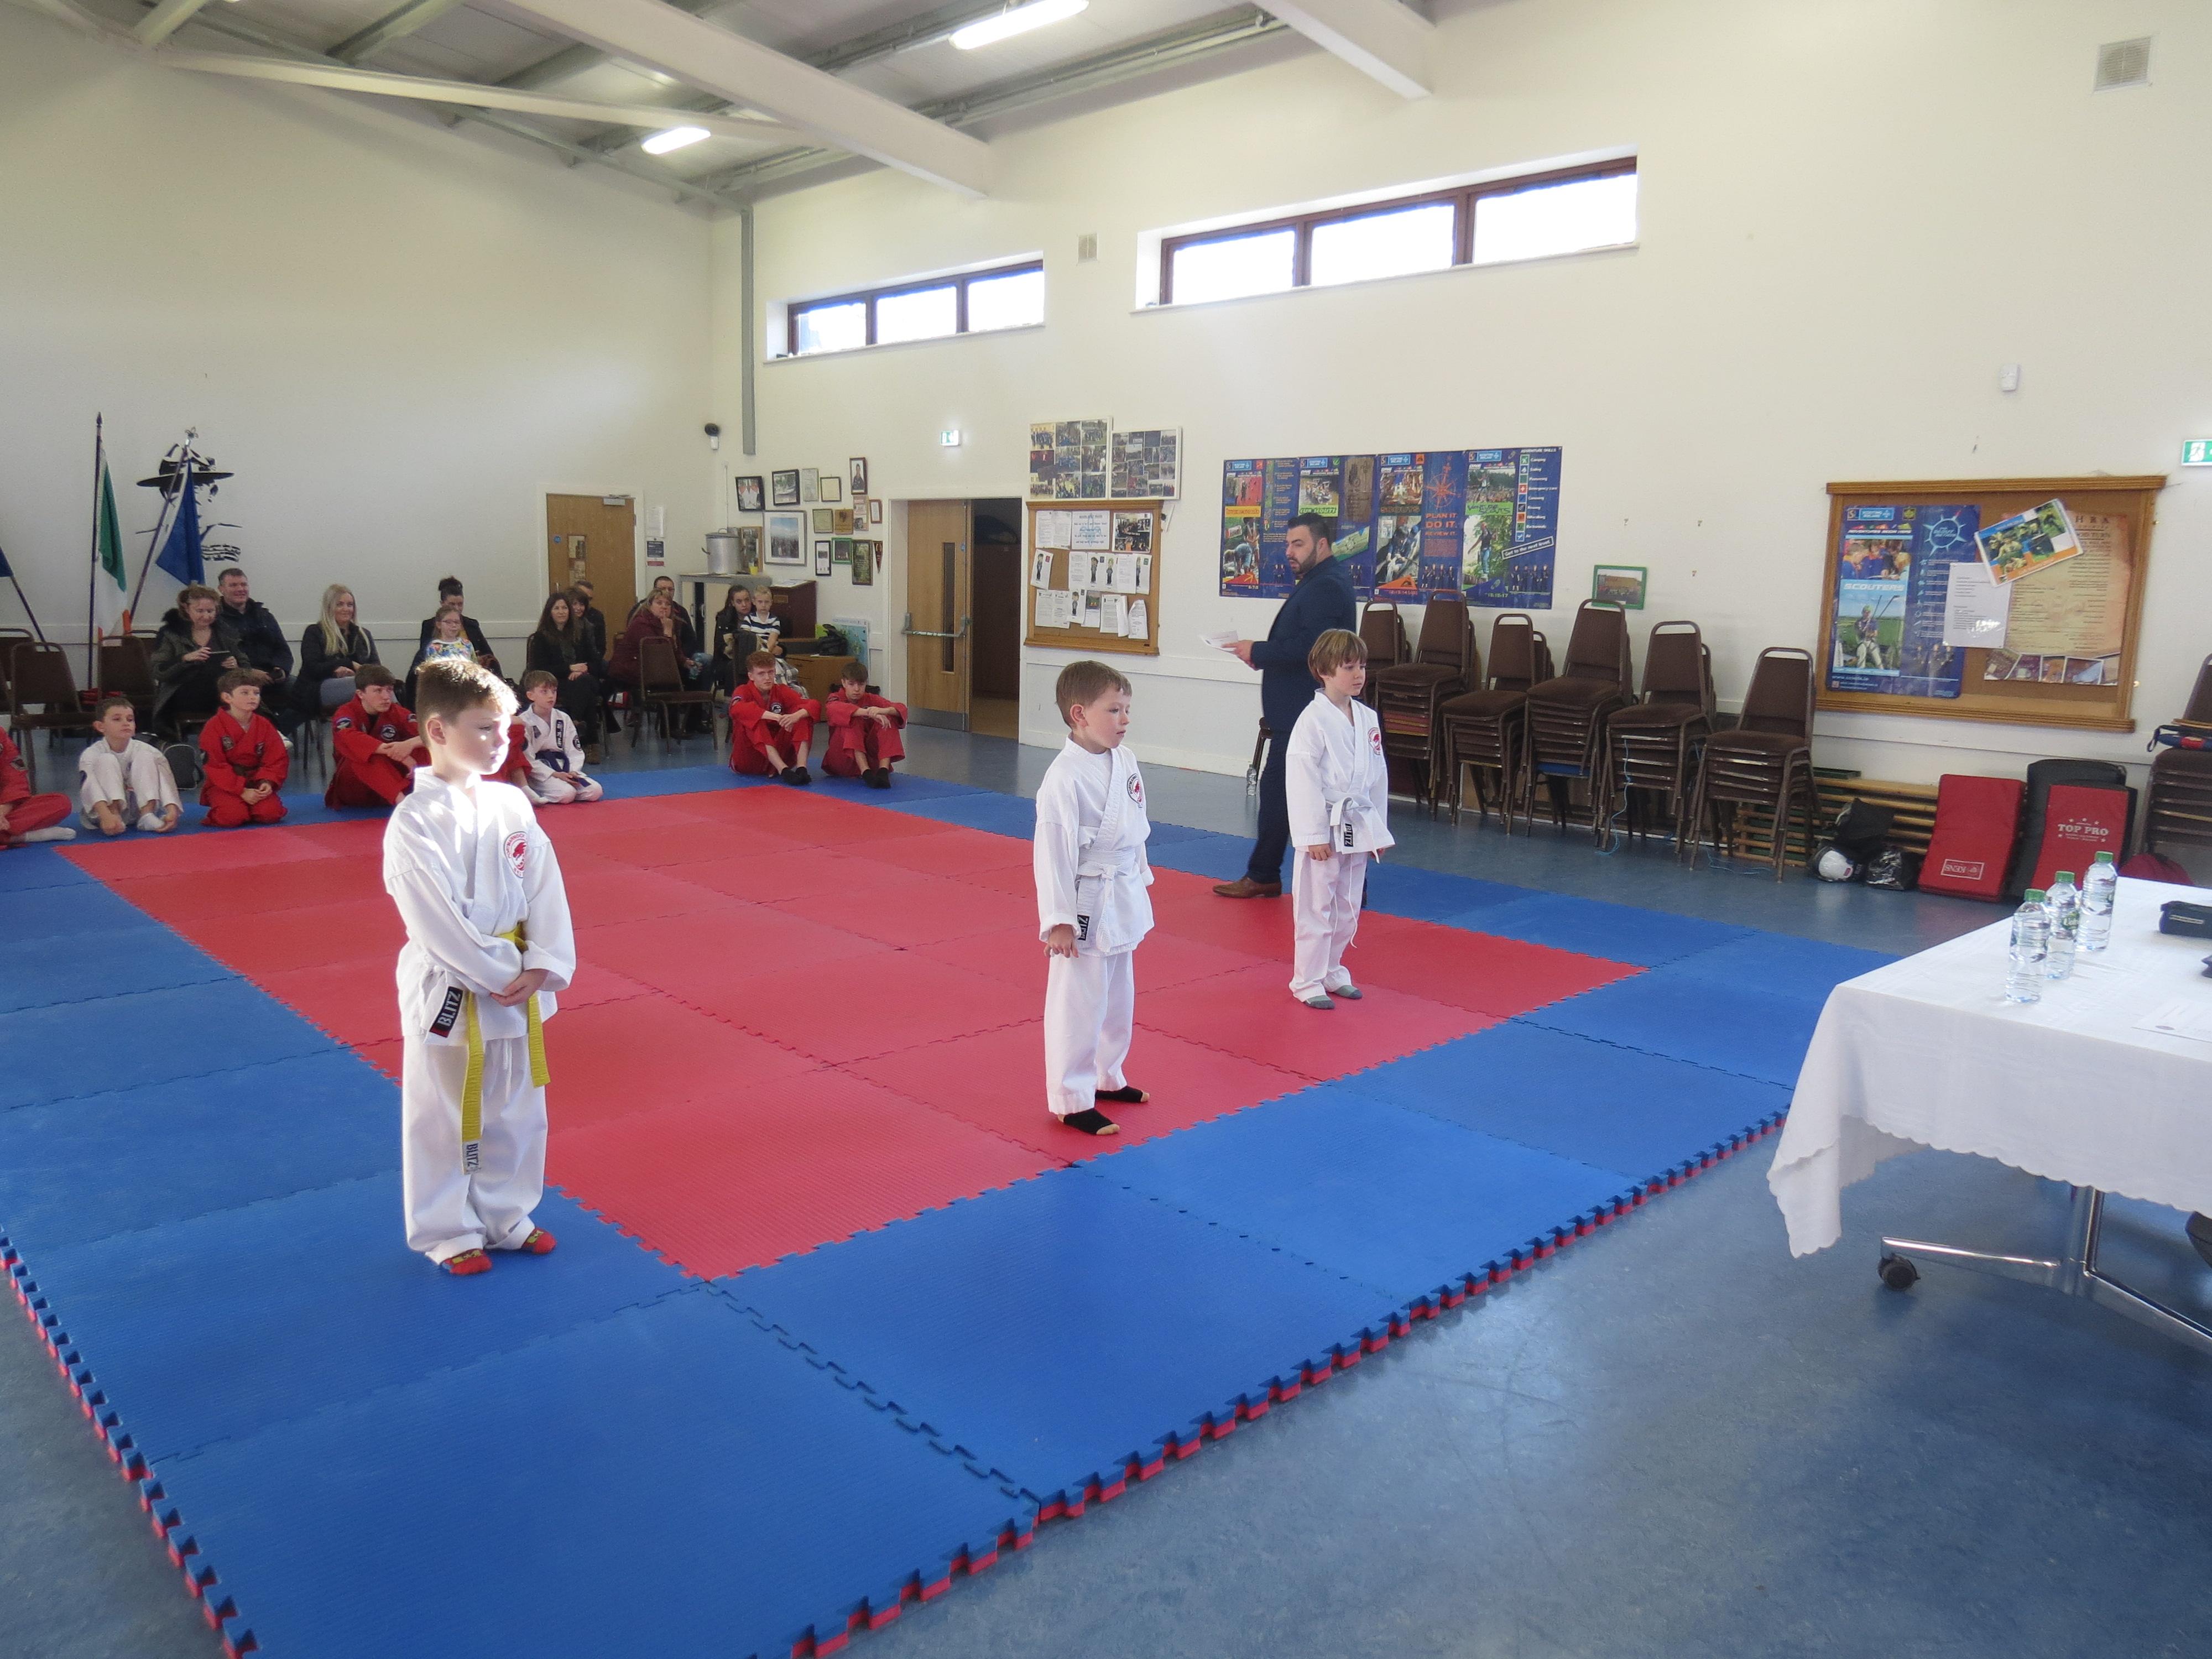 Portmarnock Martial Arts Club | Get Into Martial Arts